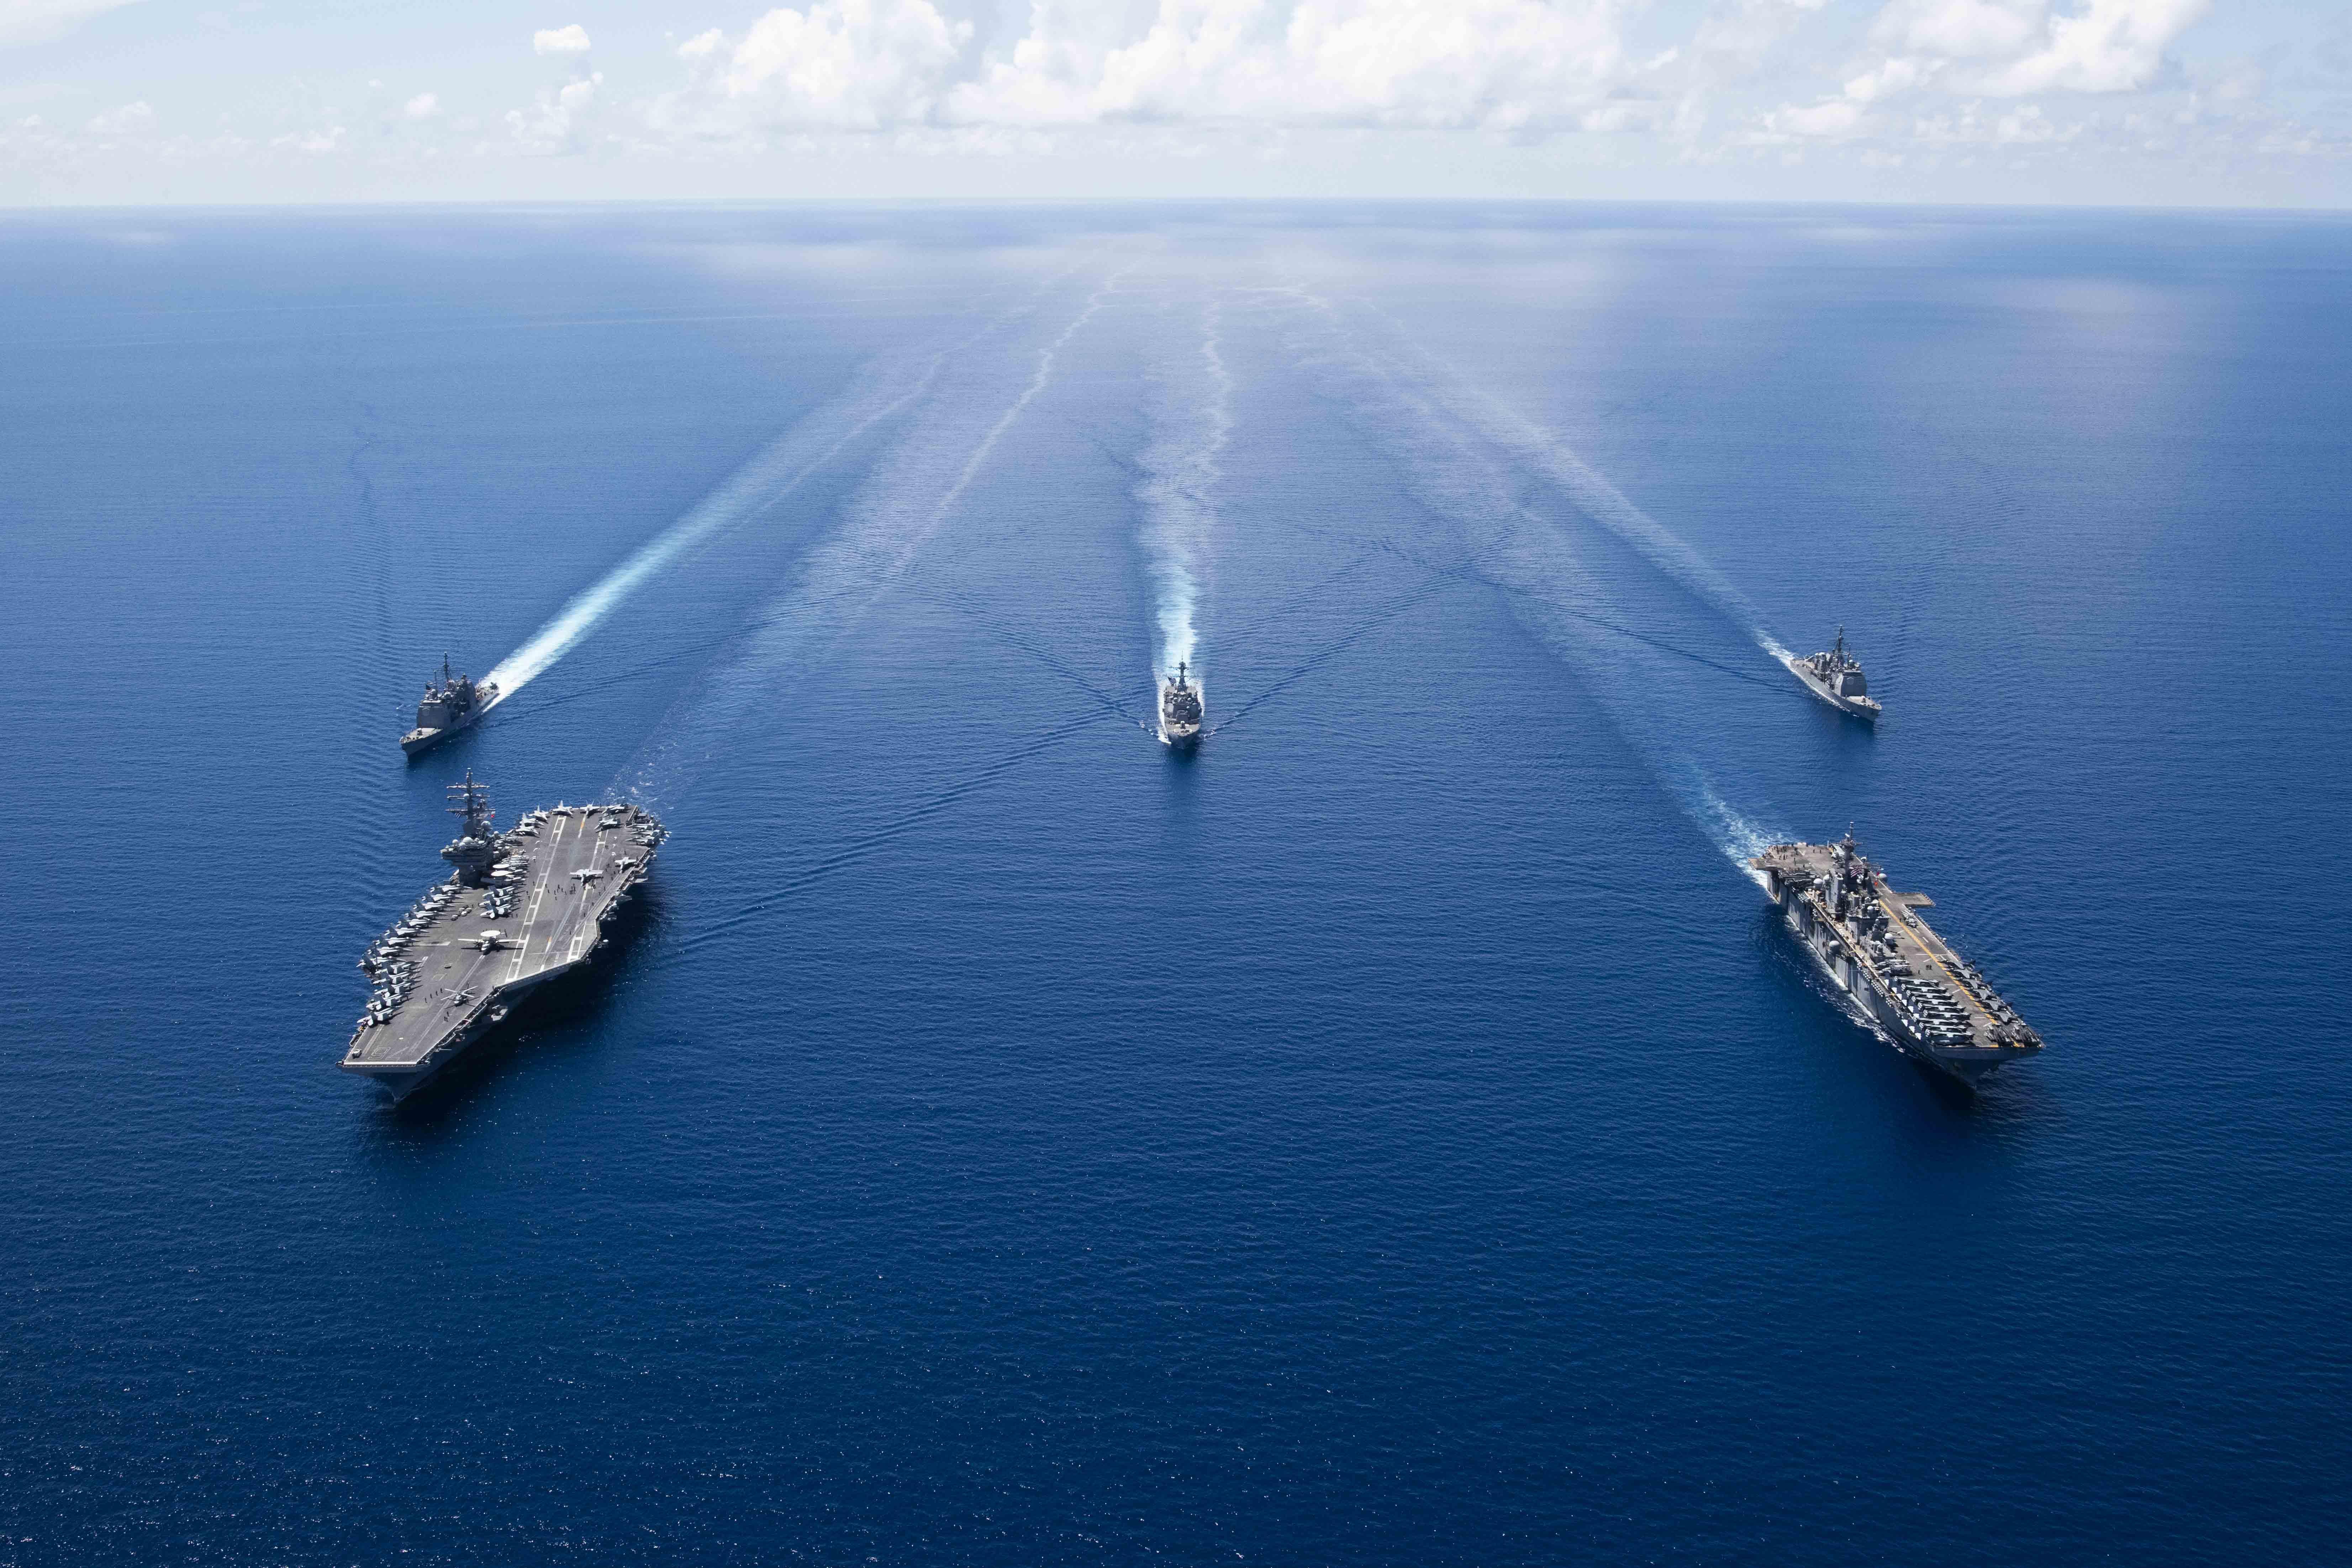 Amerikai anyahajók gyakorlatoztak Kínával egy időben a vitatott hovatartozású Dél-kínai-tengeren